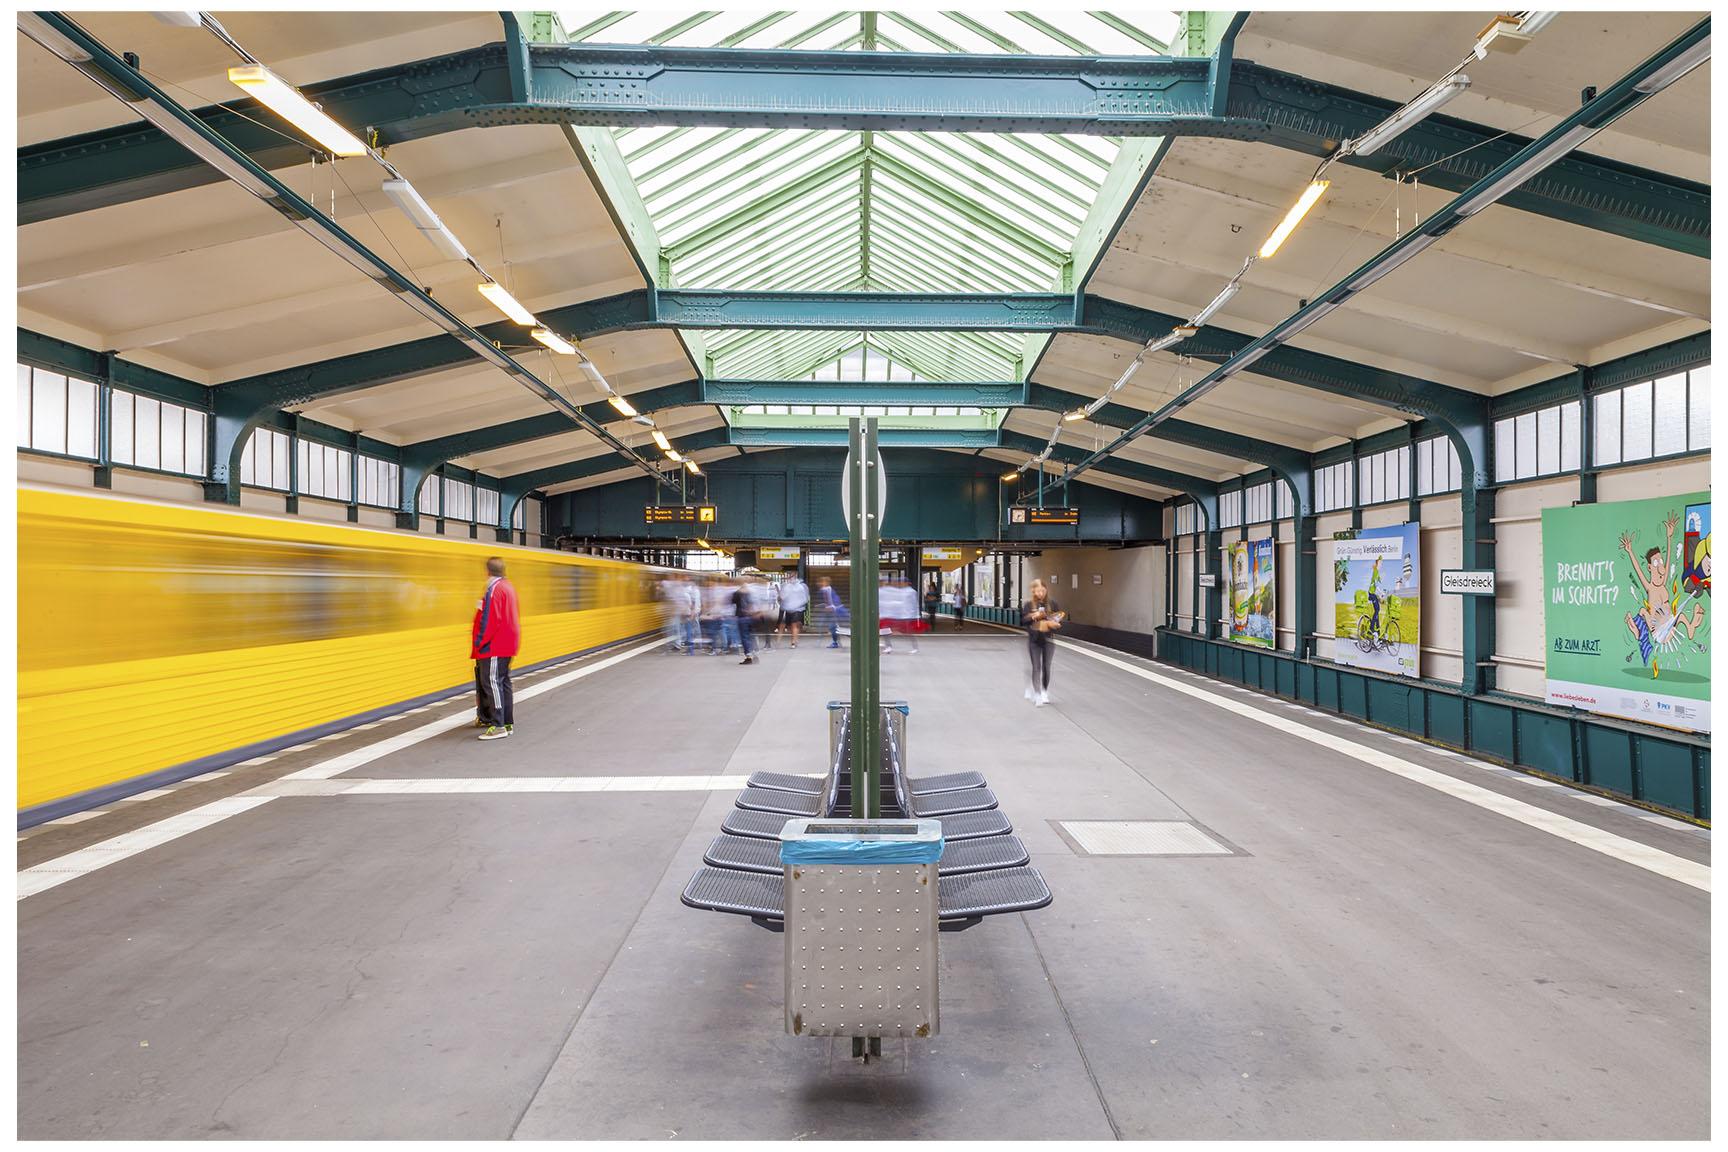 Berlin U-Bahn 6.jpg